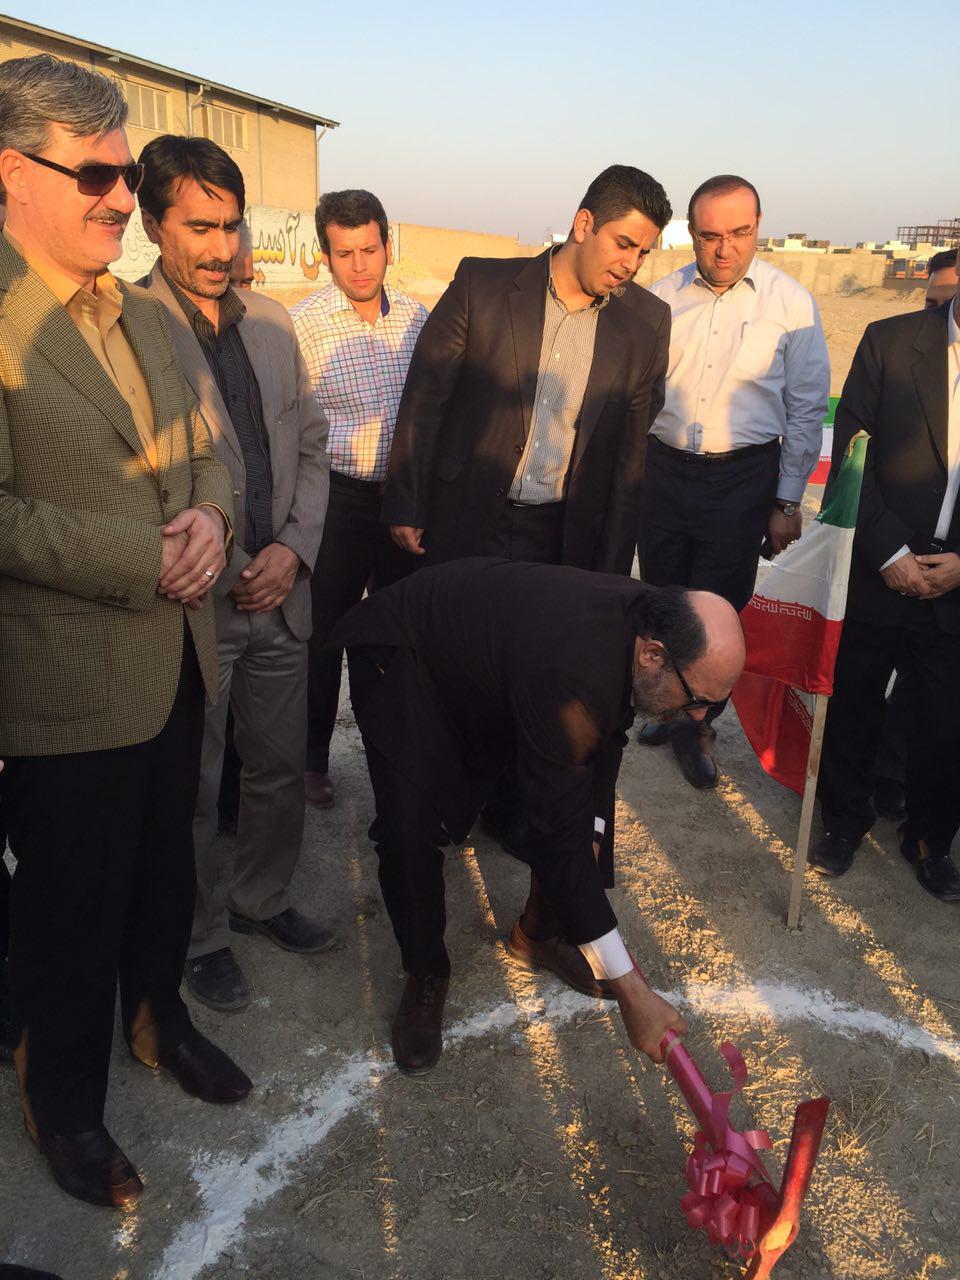 کلنگ احداث سوله ورزشی دانشگاه آزاد اسلامی شیروان به زمین زده شد.